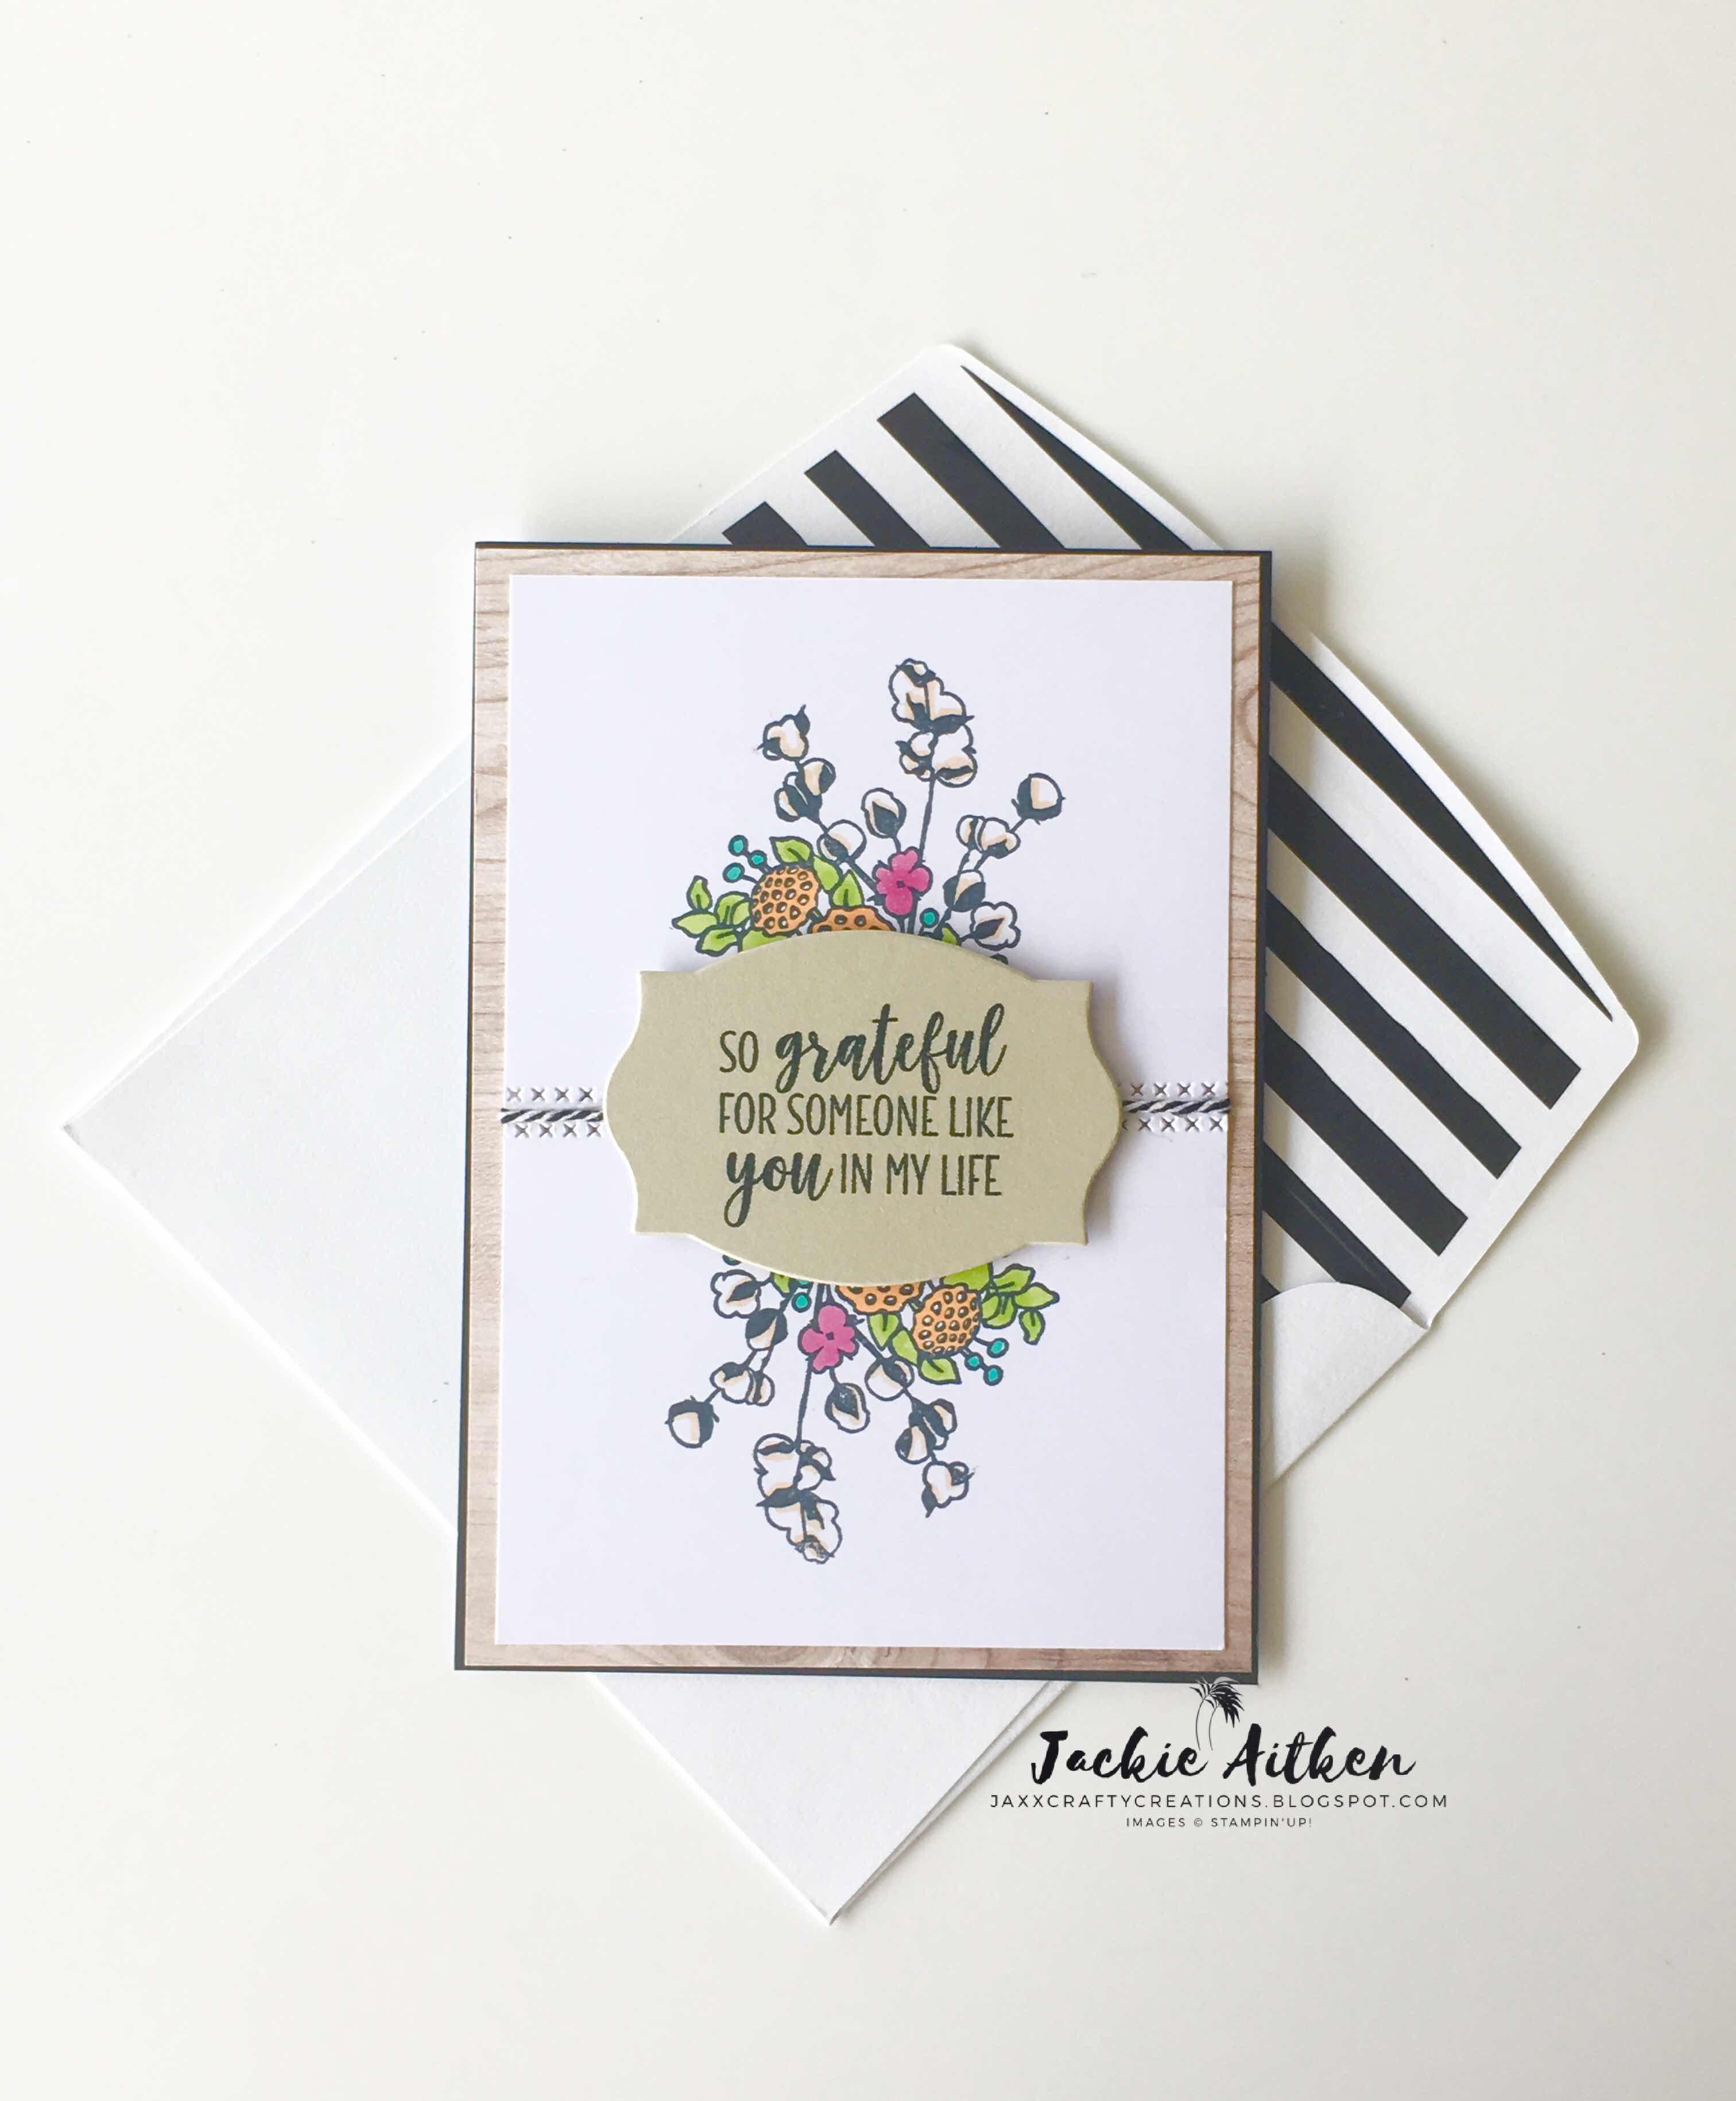 Country Home stamp set, Country Home Stamp Set, Wood Textures DSP, Stitched Labels Framelits, Foliage Frame Framelits,